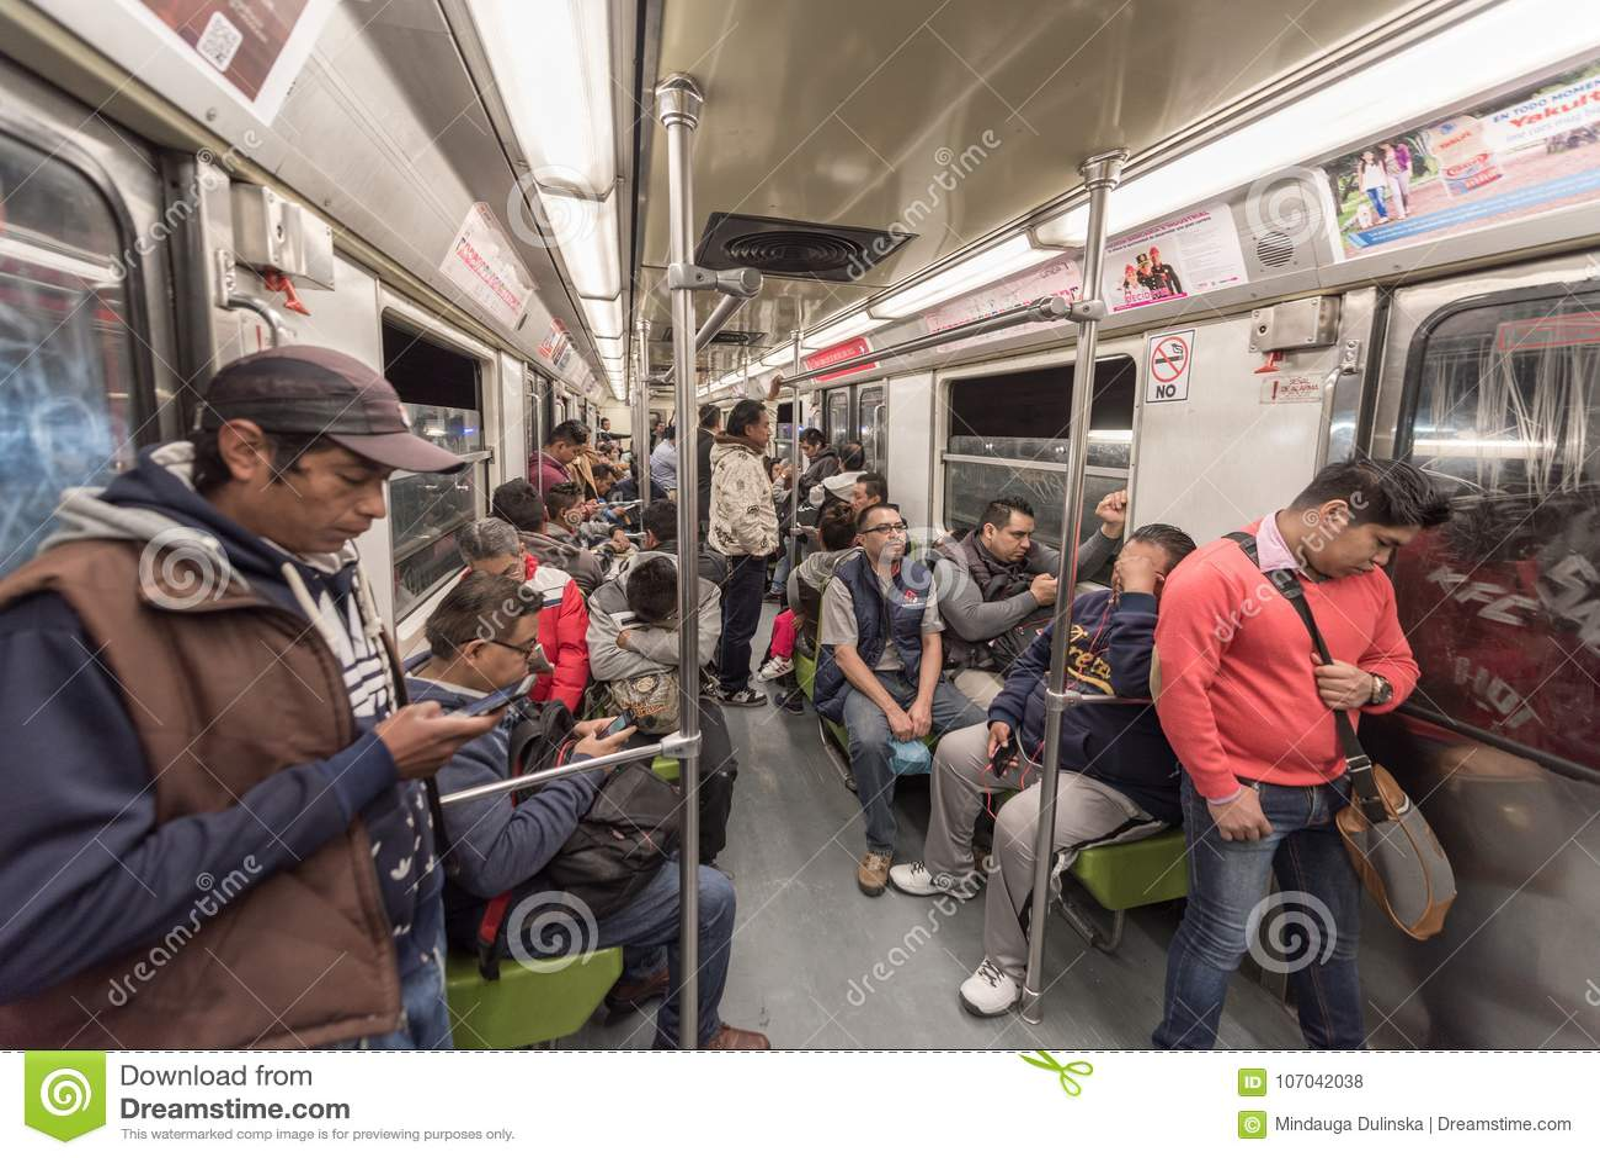 MEXICO - OKTOBER 26, 2017: De Ondergrondse Trein van Mexico-City met Plaatselijke bevolking het Reizen Buis, Trein